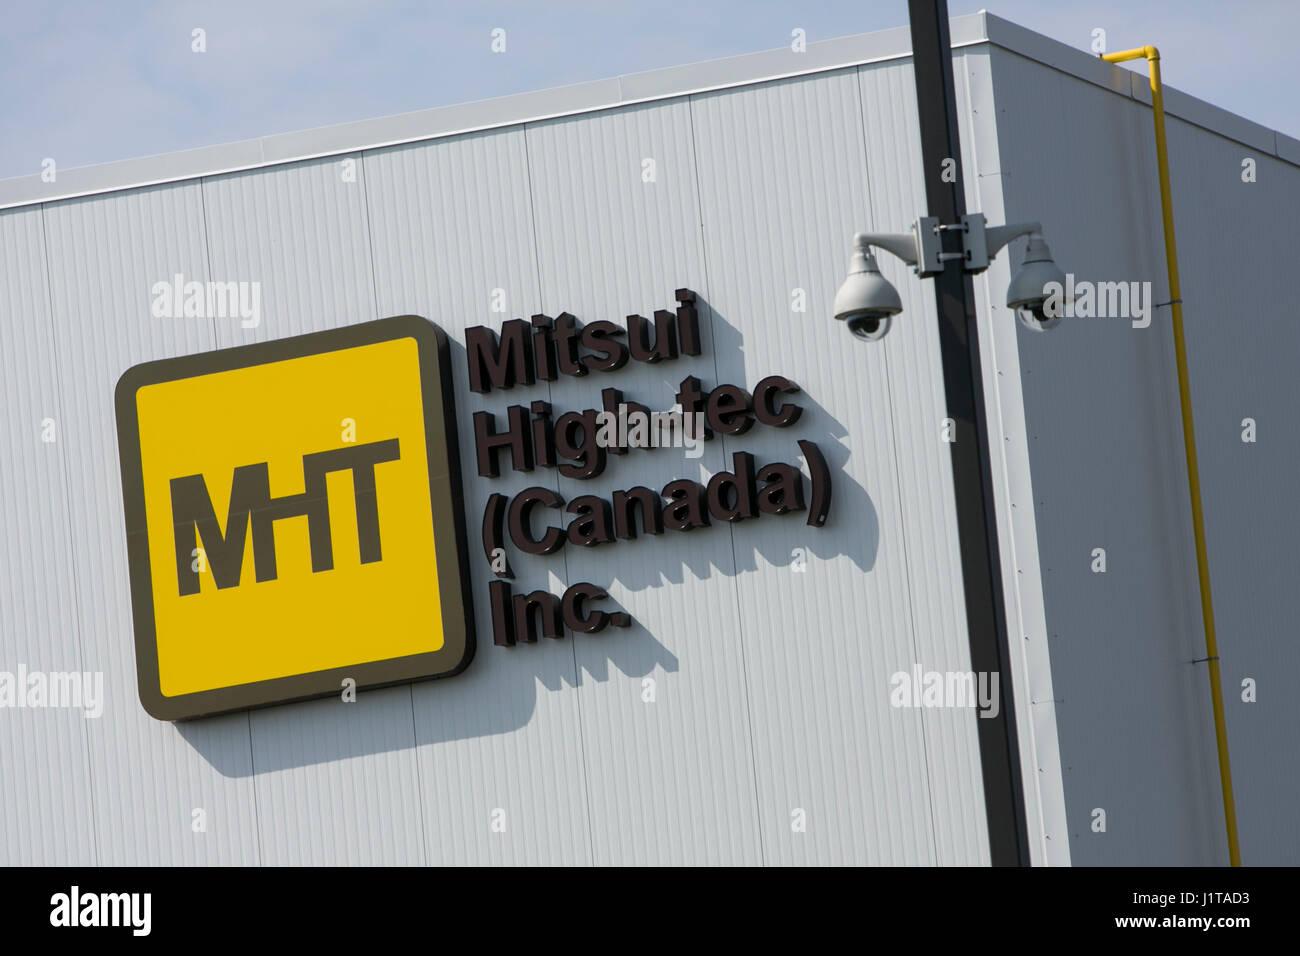 High Tec Stock Photos Amp High Tec Stock Images Alamy